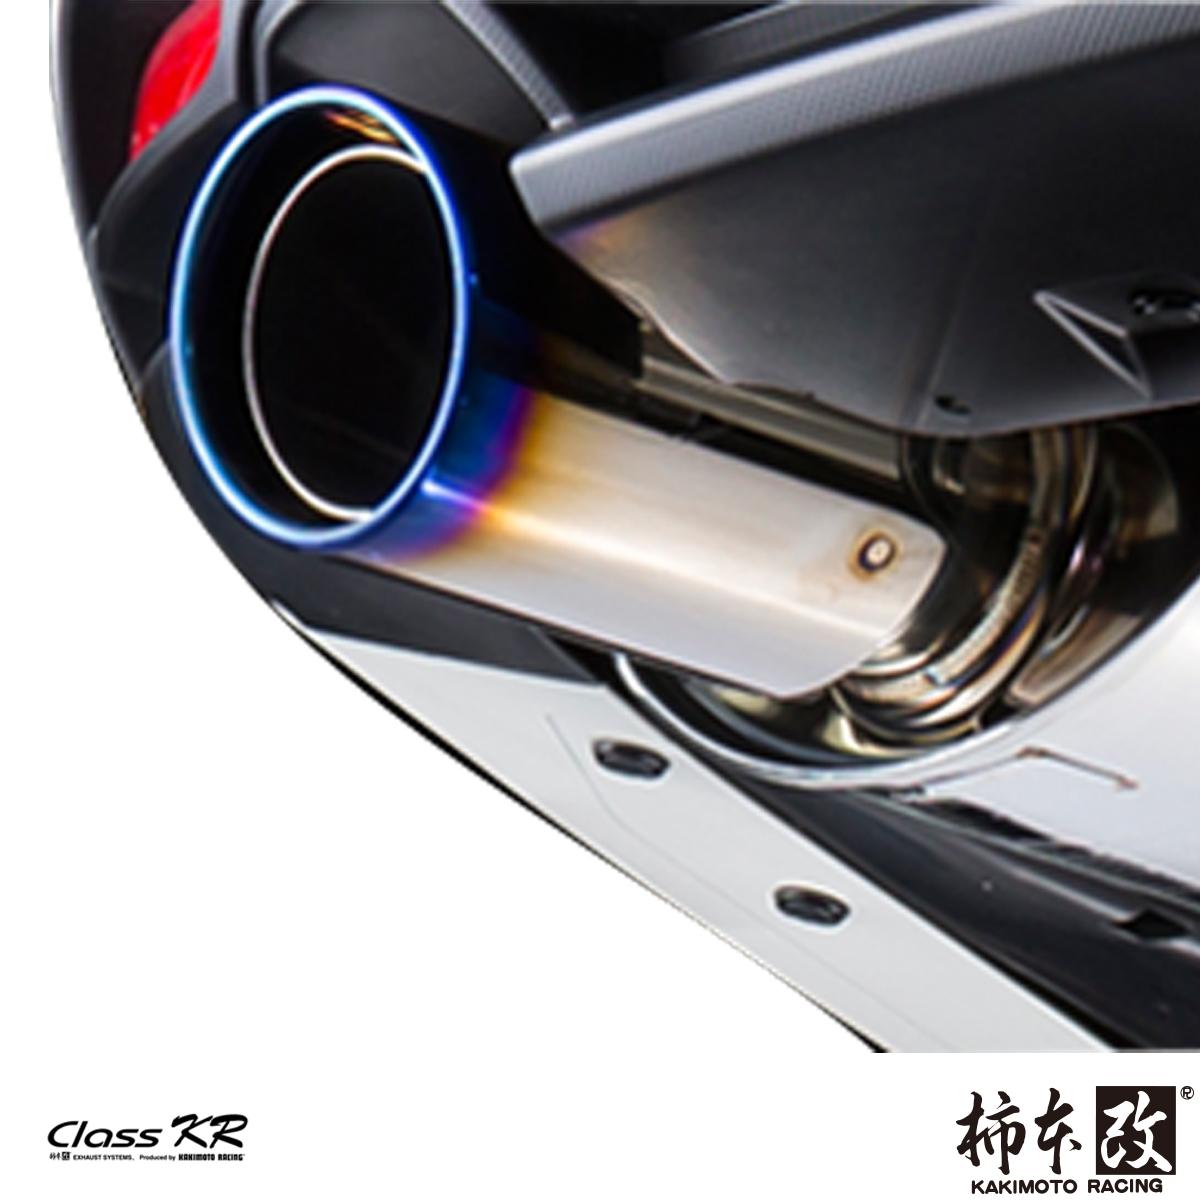 柿本 改 クラスKR ノート DBA-E12 マフラー 品番:N71394 KAKIMOTO RACING Class KR 条件付き送料無料